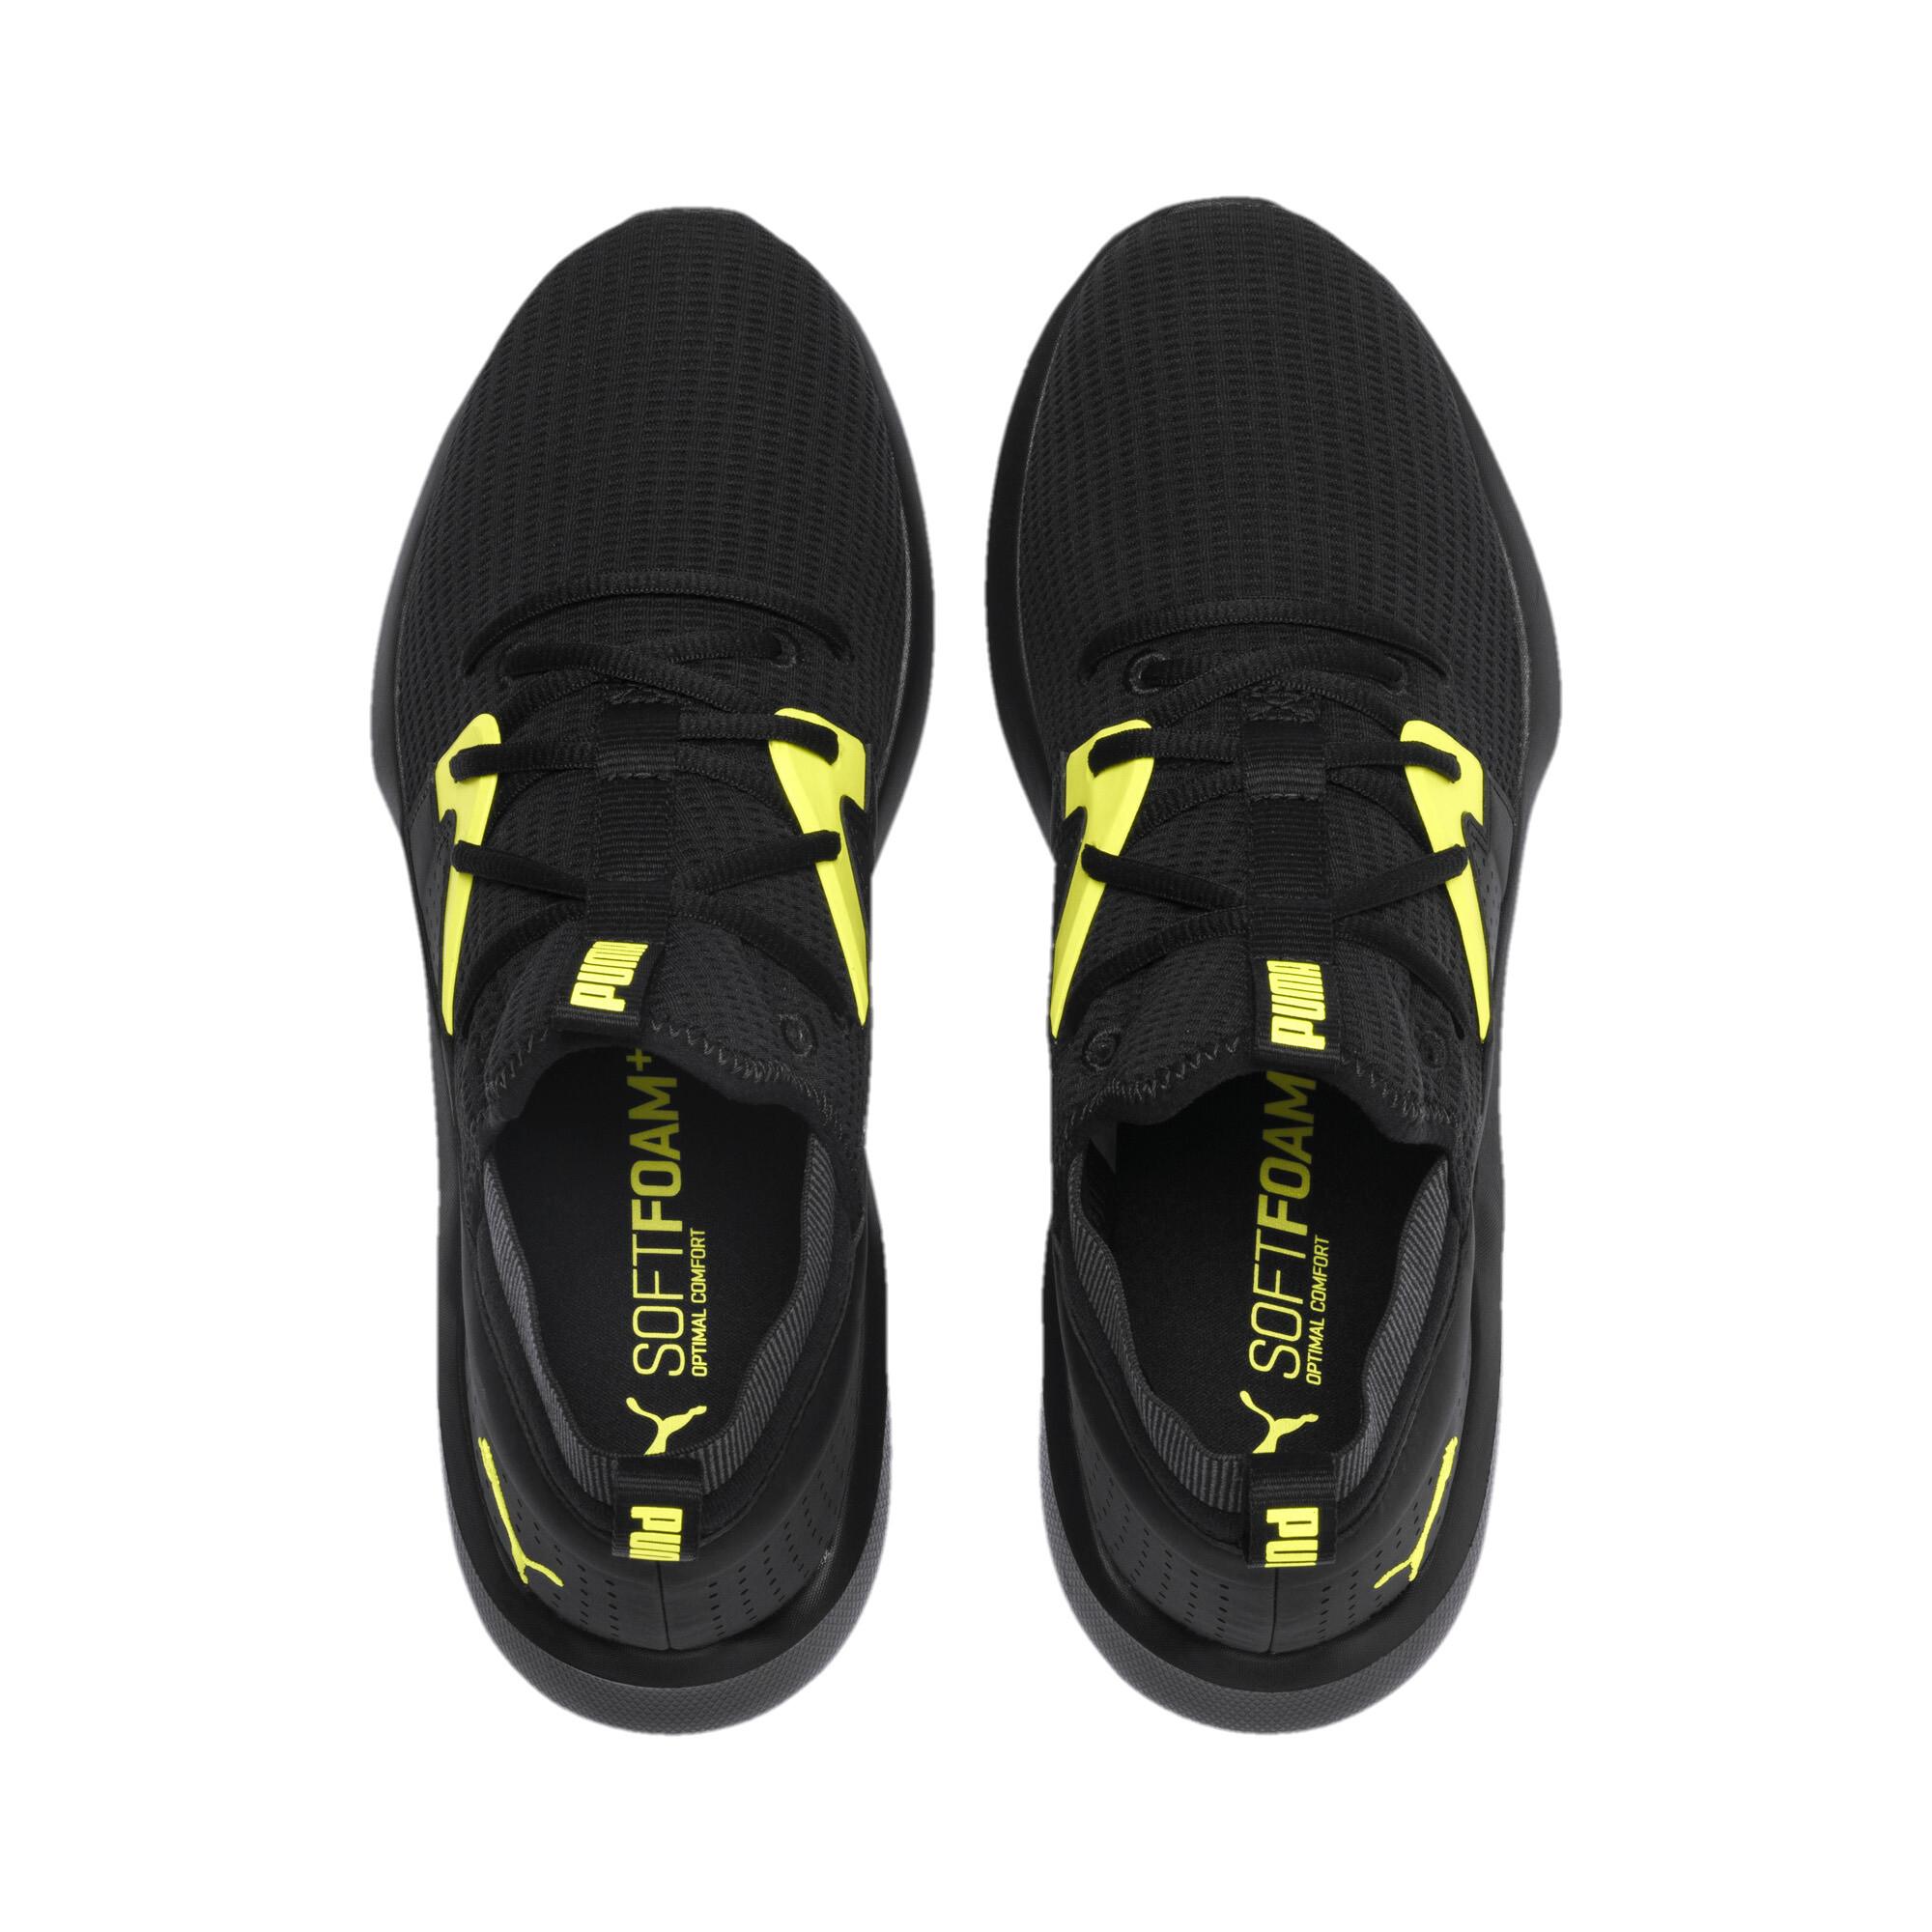 PUMA-Men-039-s-Emergence-Future-Training-Shoes thumbnail 9